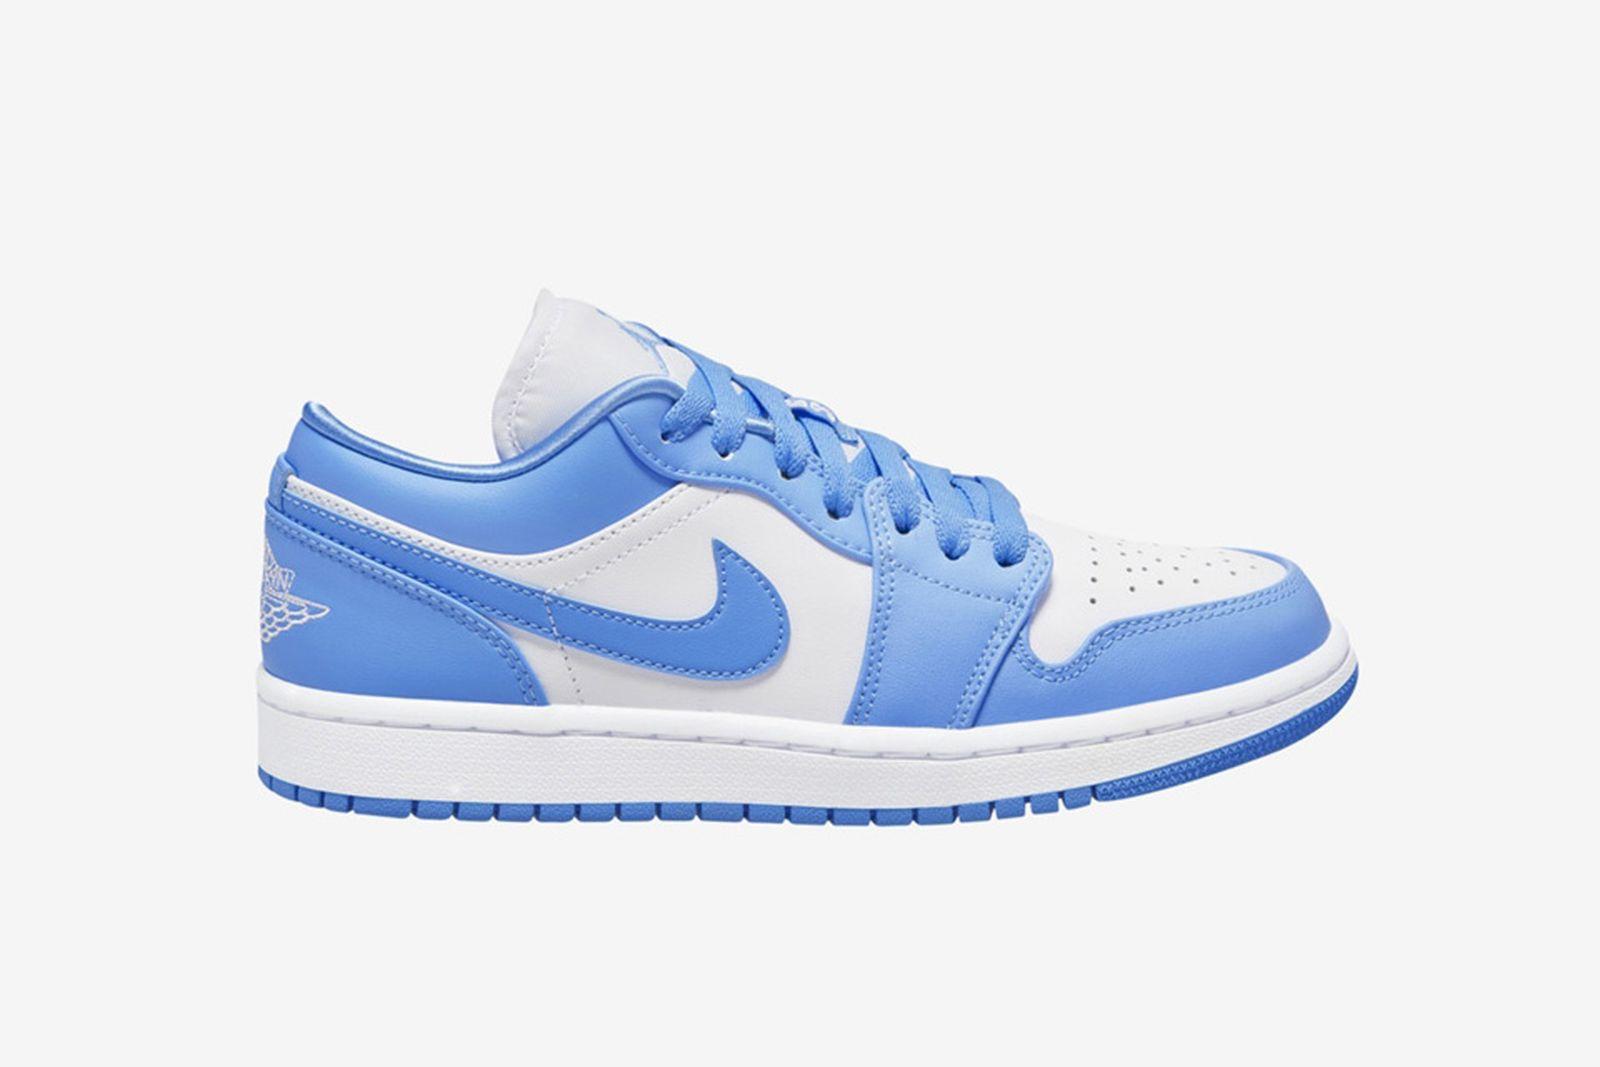 nike air jordan 1 low blu